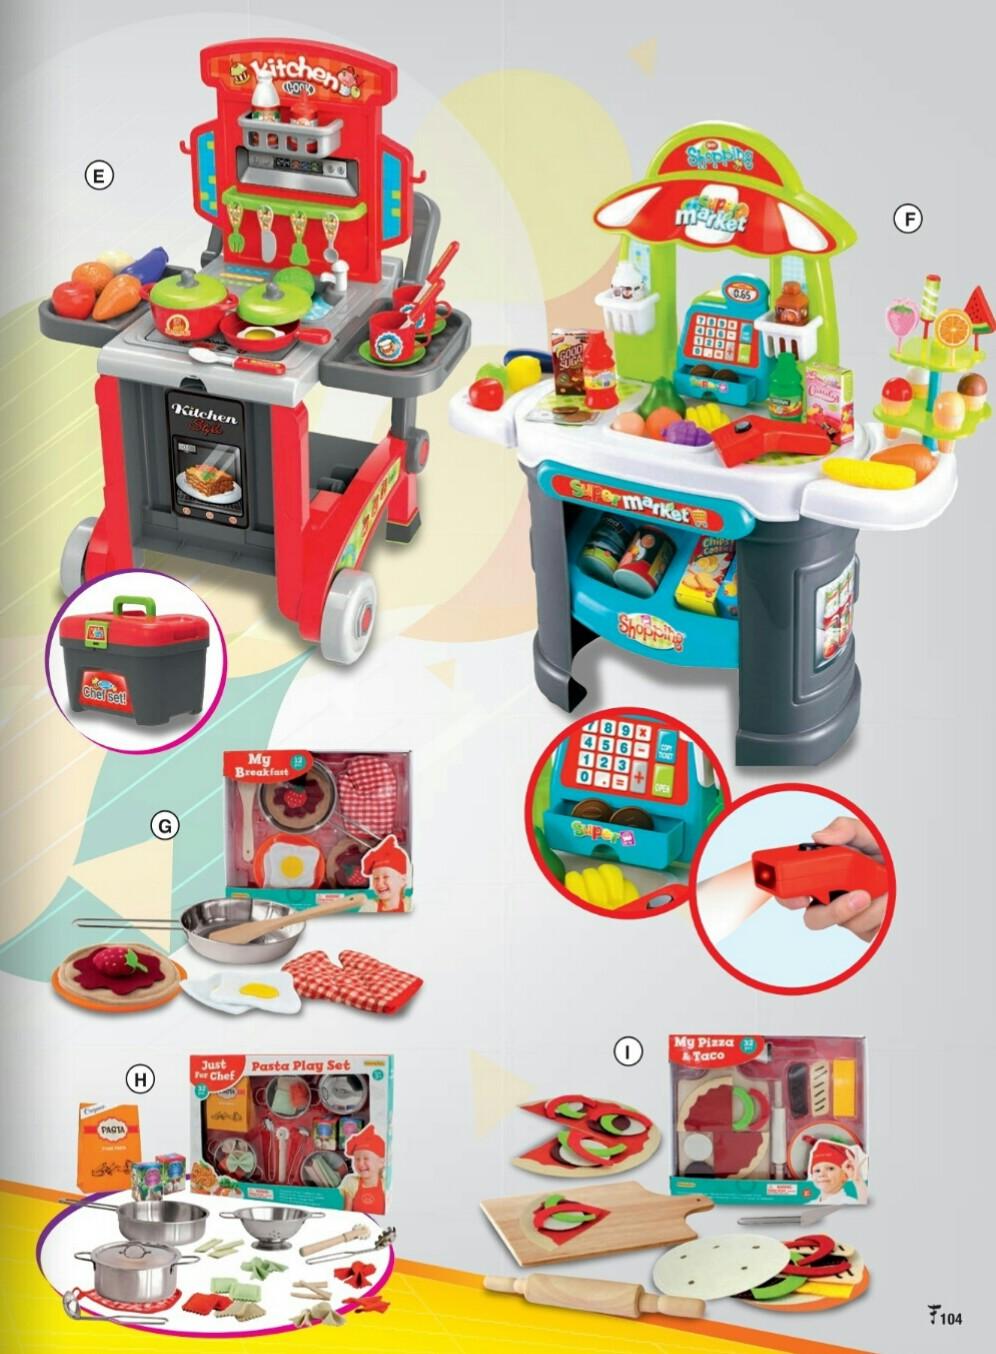 Catalogo juguetes Felix B Maduro 2018 p104